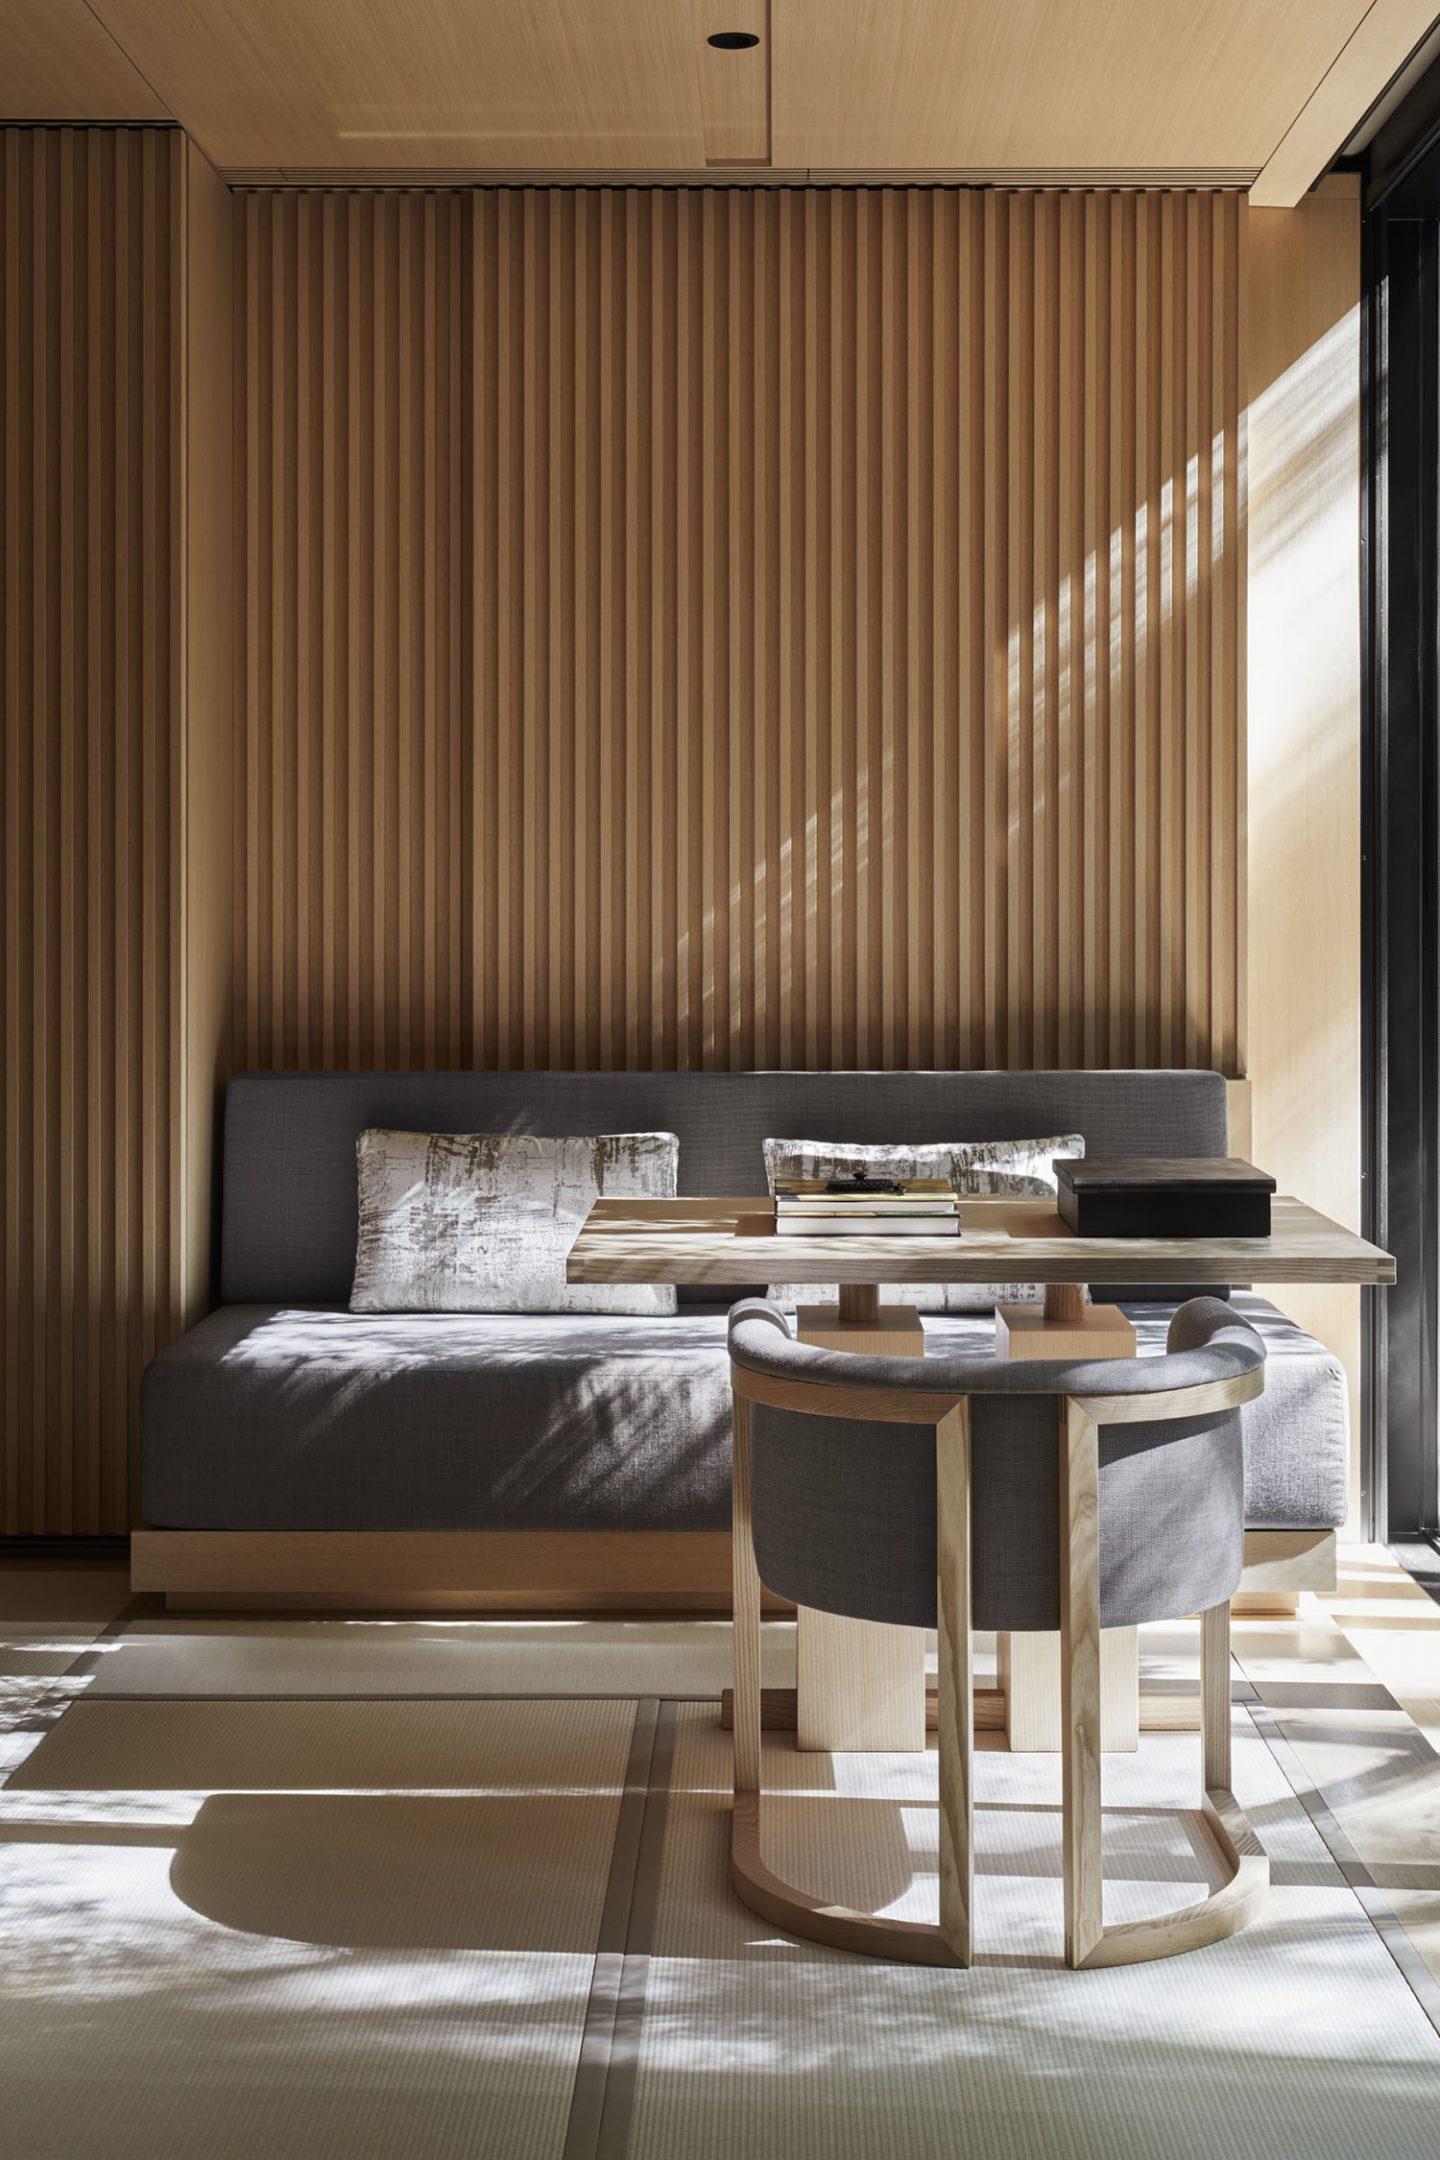 Aman Kyoto, Japan - Pavilion livingroom: Susuki, Nara, Kaede, Horatu, Takagamine, Washigamine.tif